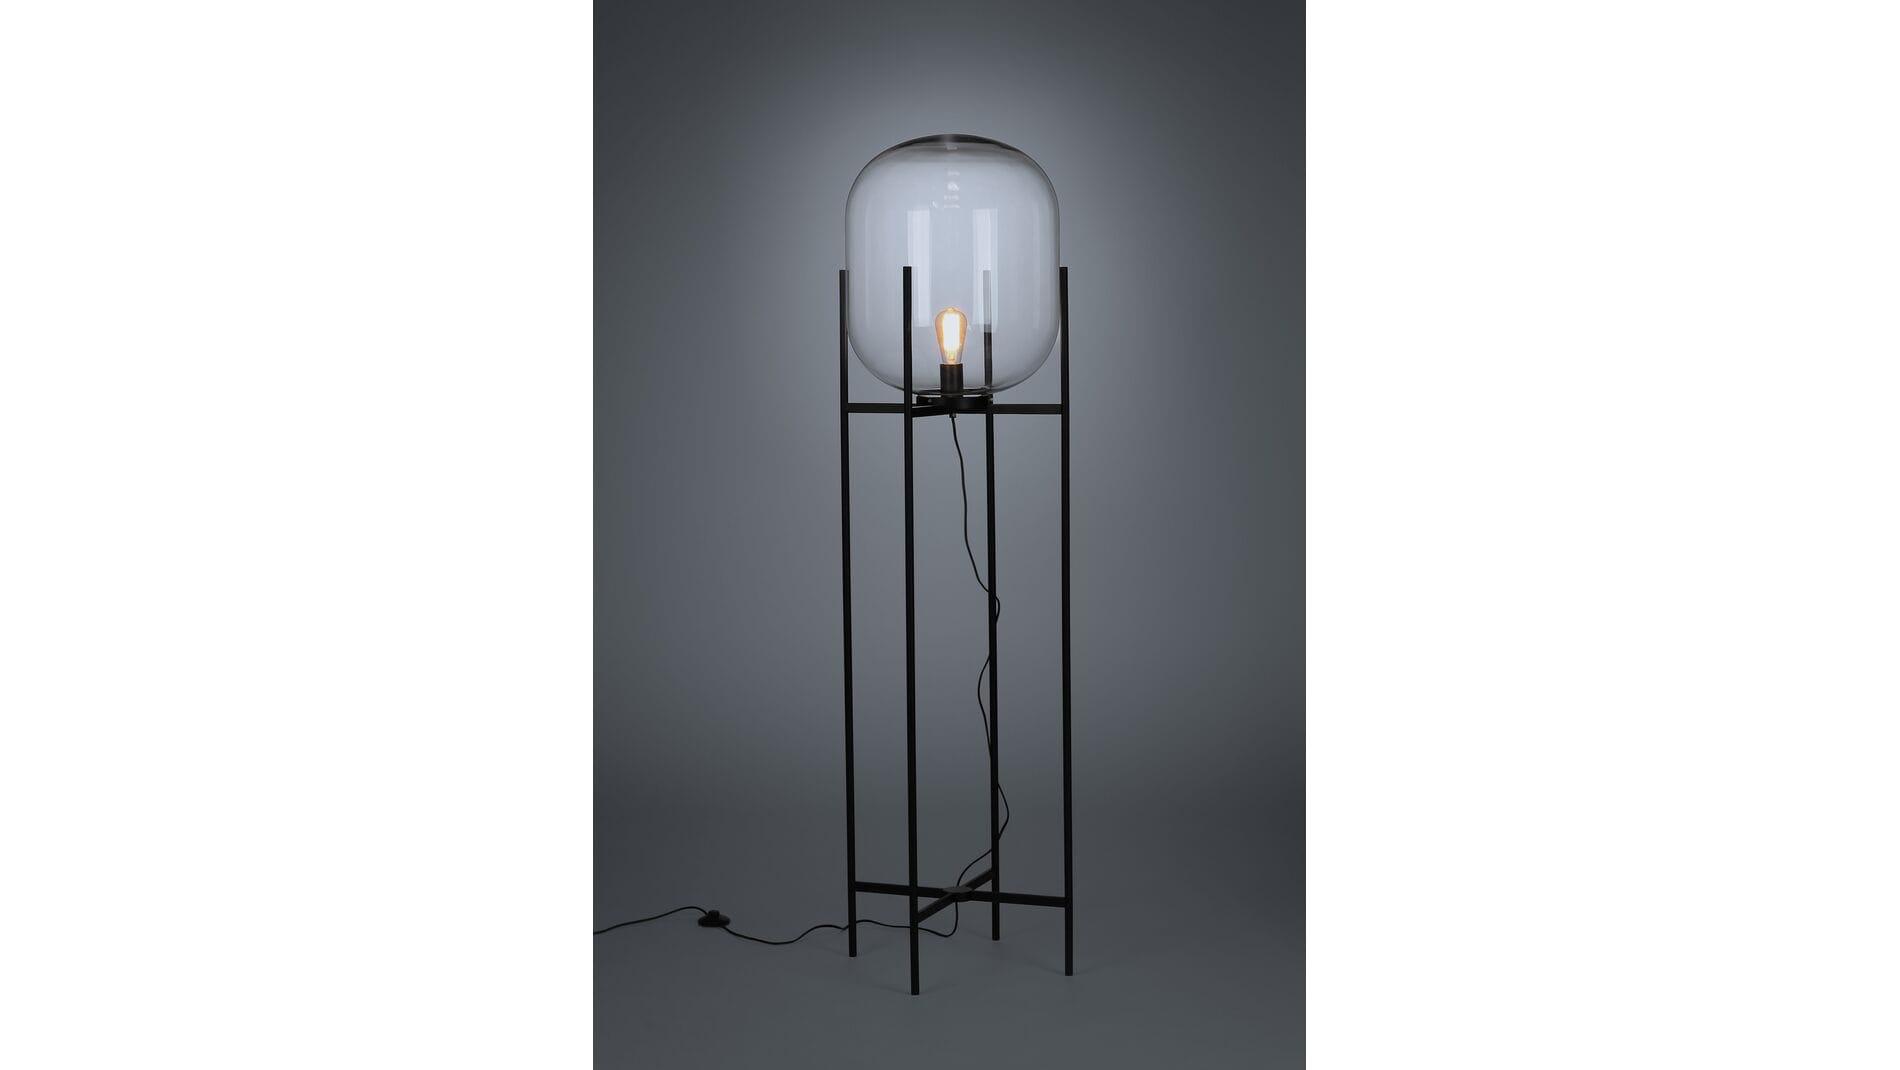 Напольный светильник Dalma